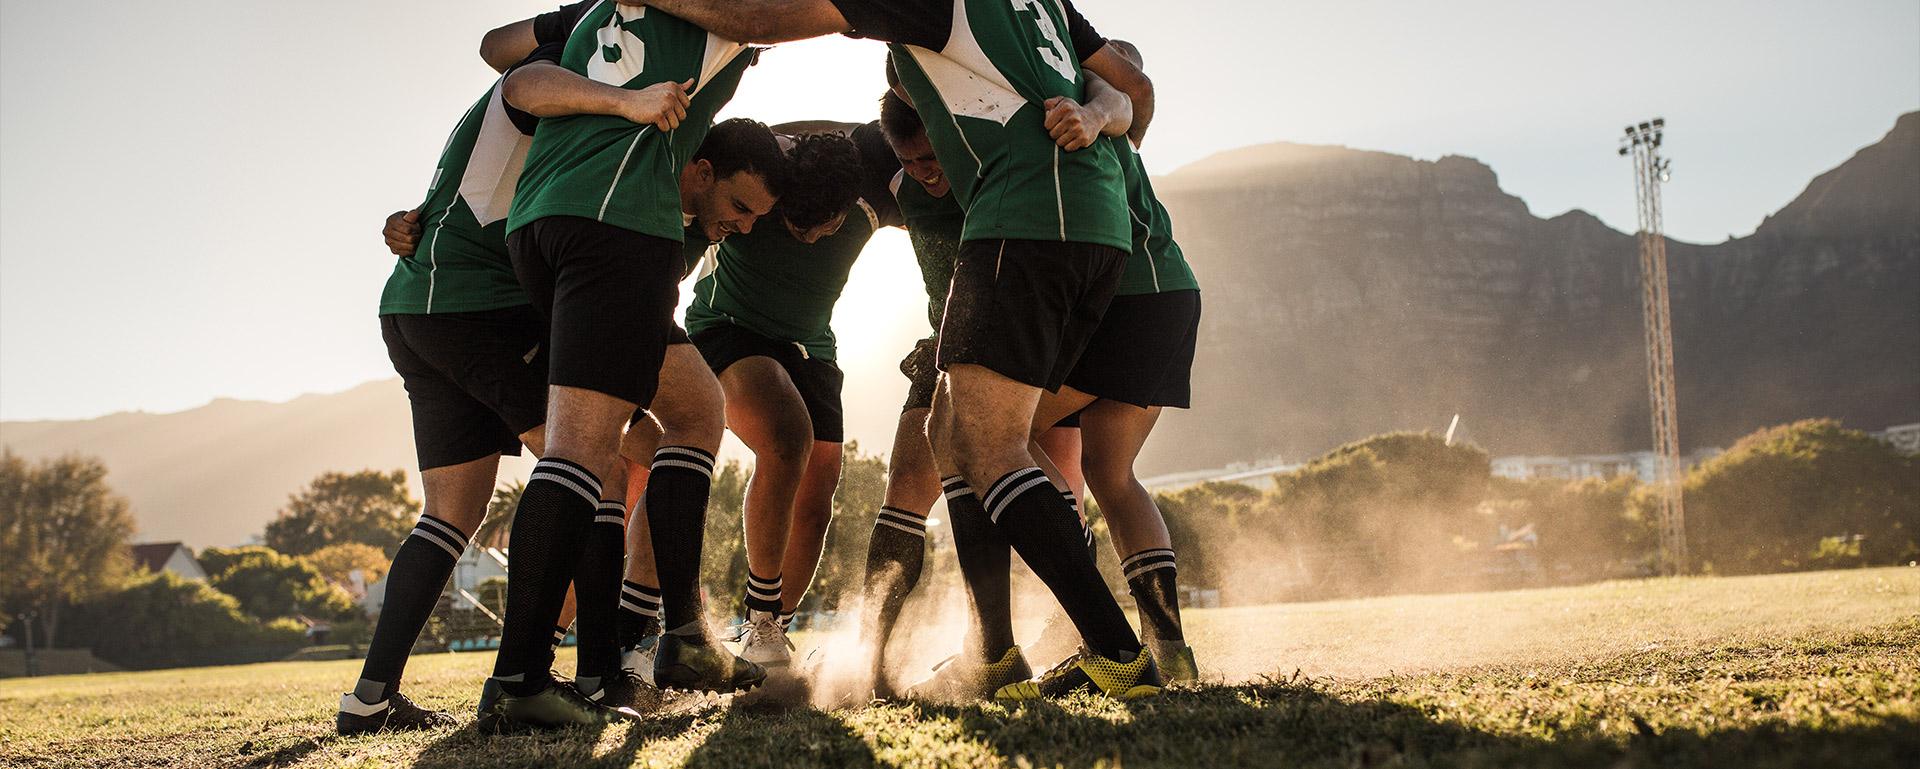 Problemy Australian Football League. Czy dojdzie do finału?